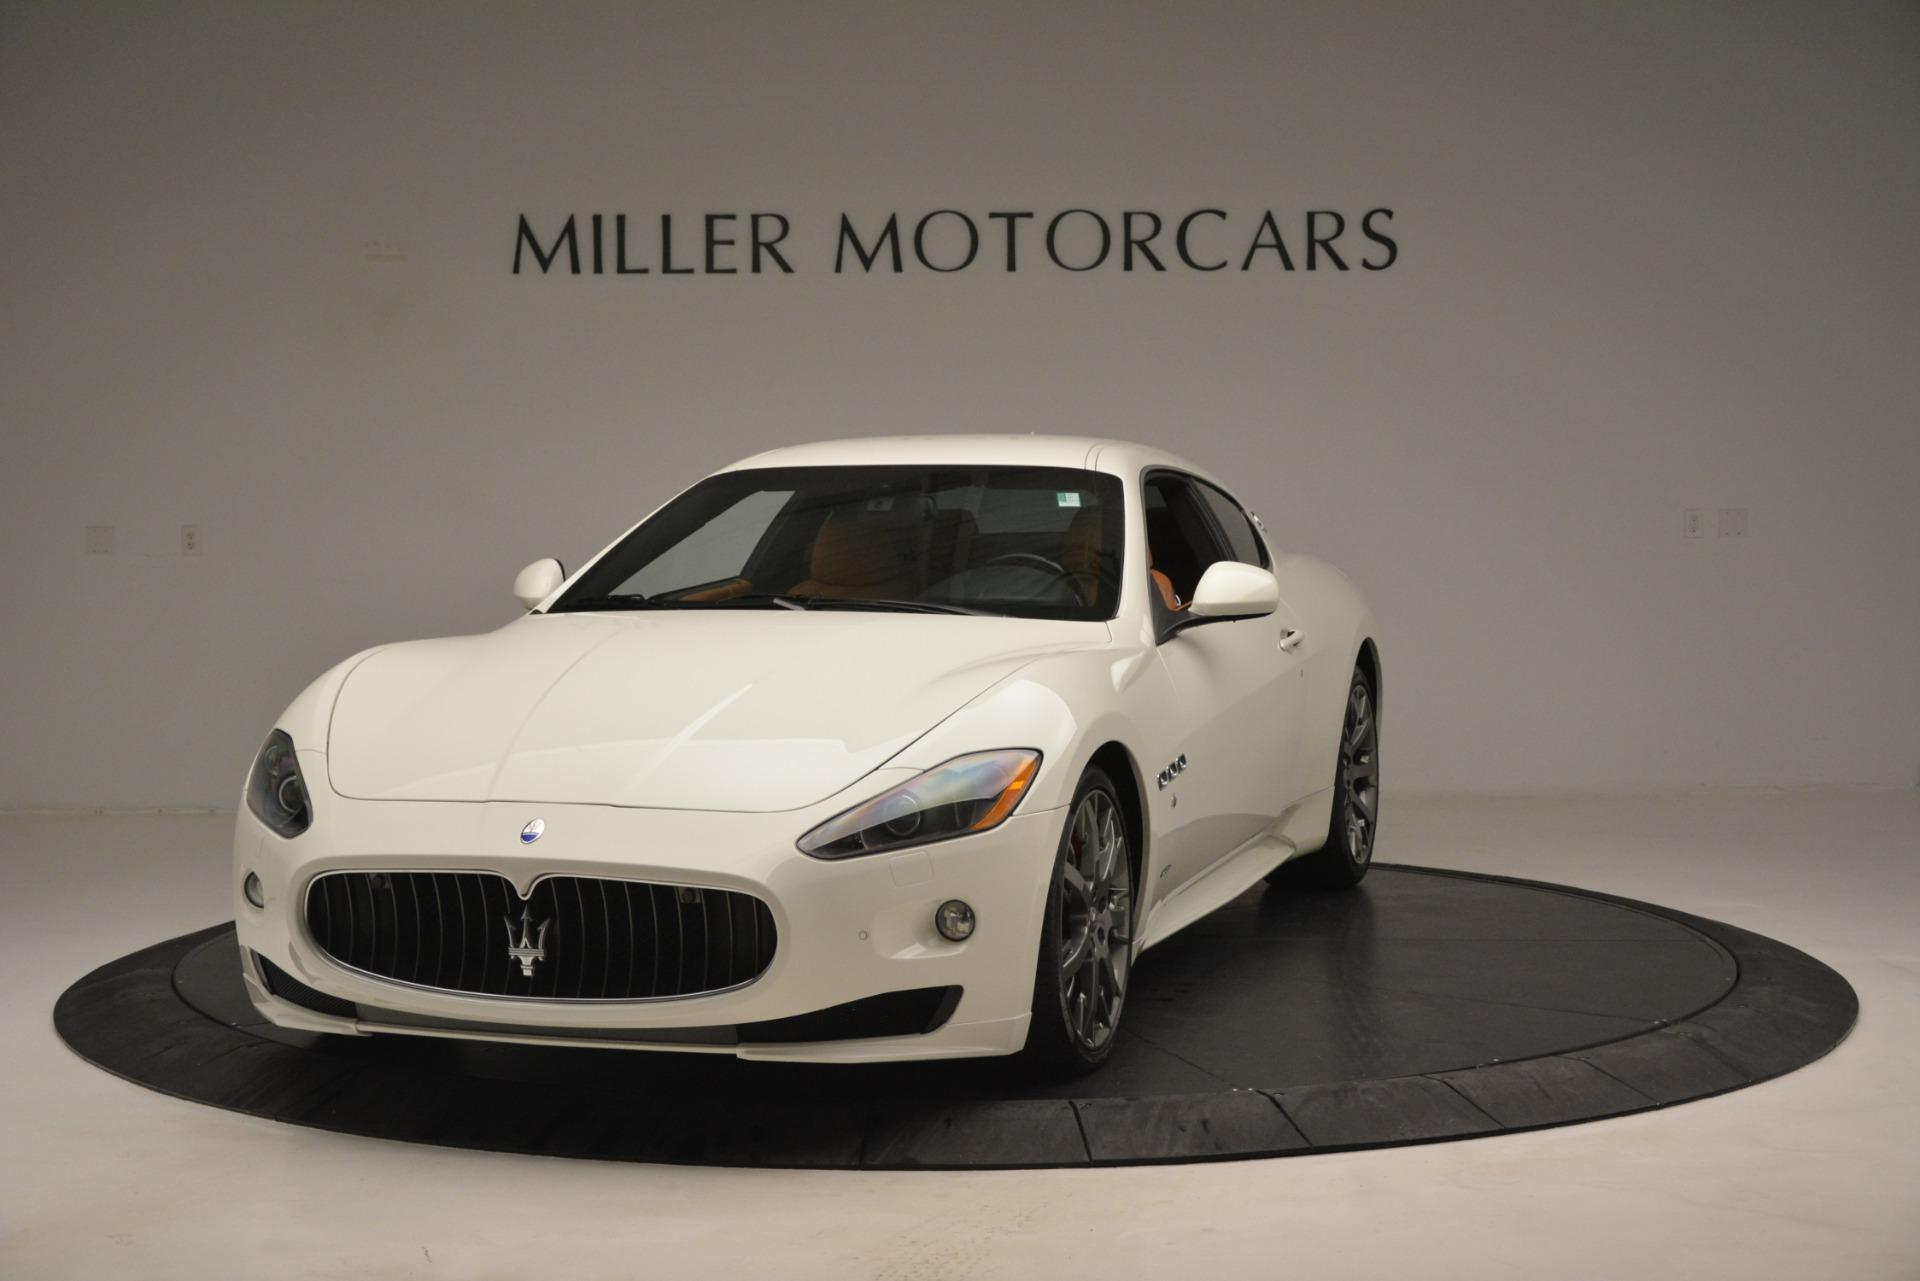 Used 2011 Maserati GranTurismo S Automatic For Sale In Greenwich, CT 3061_main